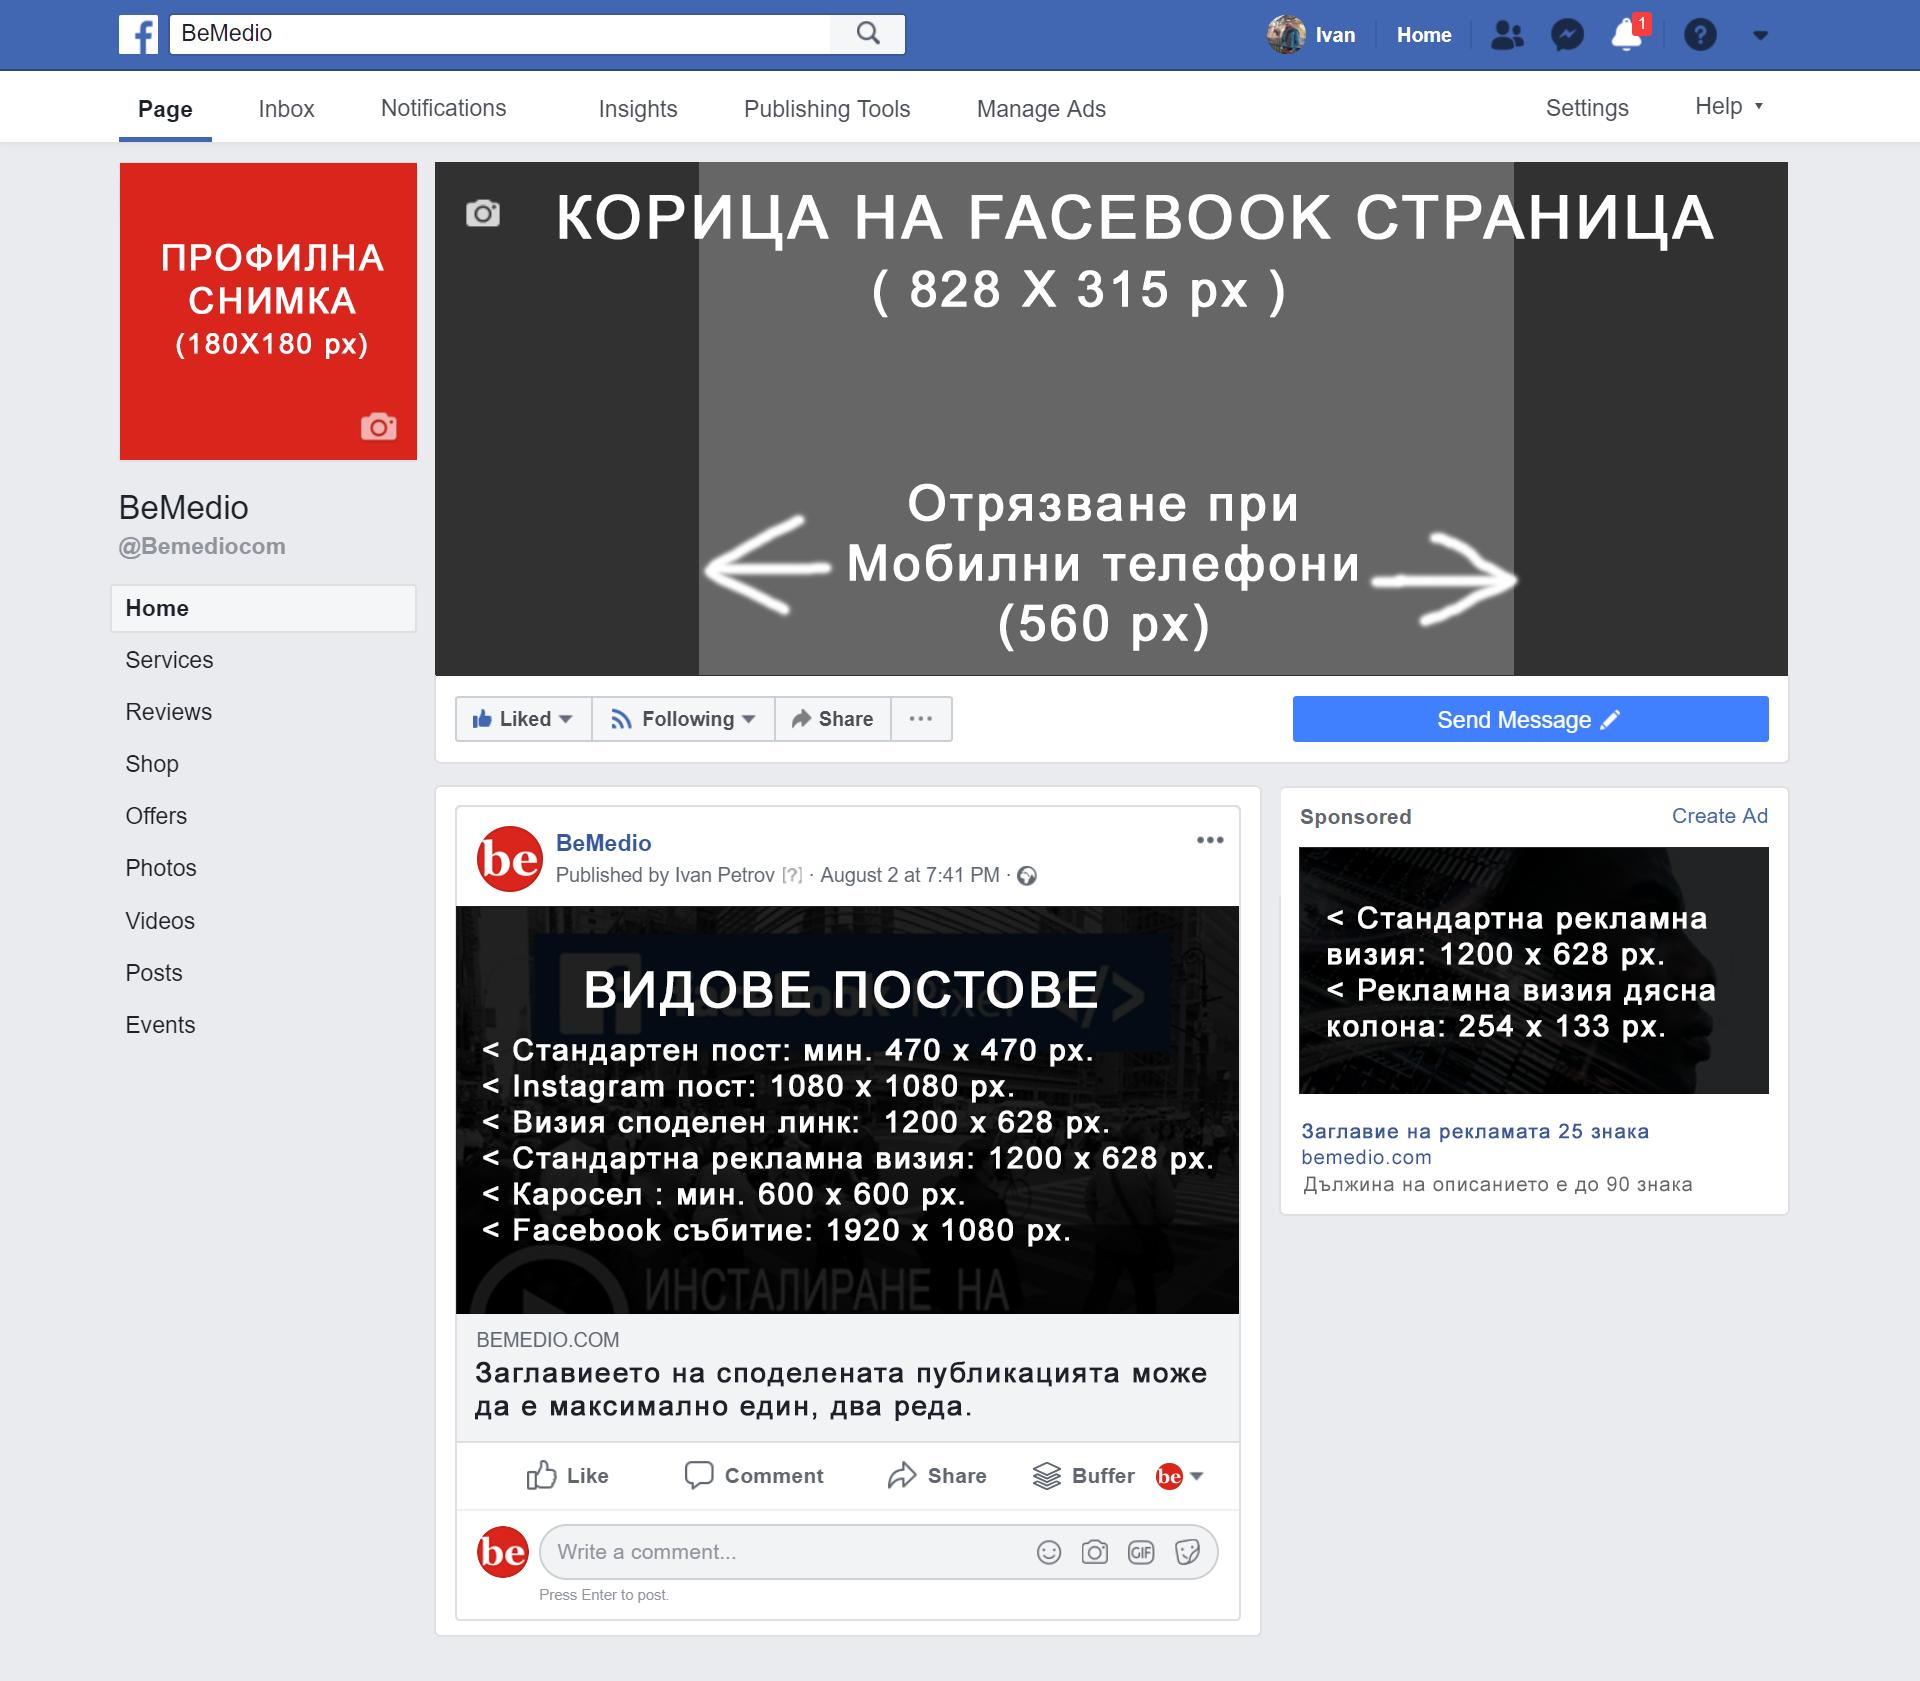 Размери на Facebook банери, корици, събития, групи и др